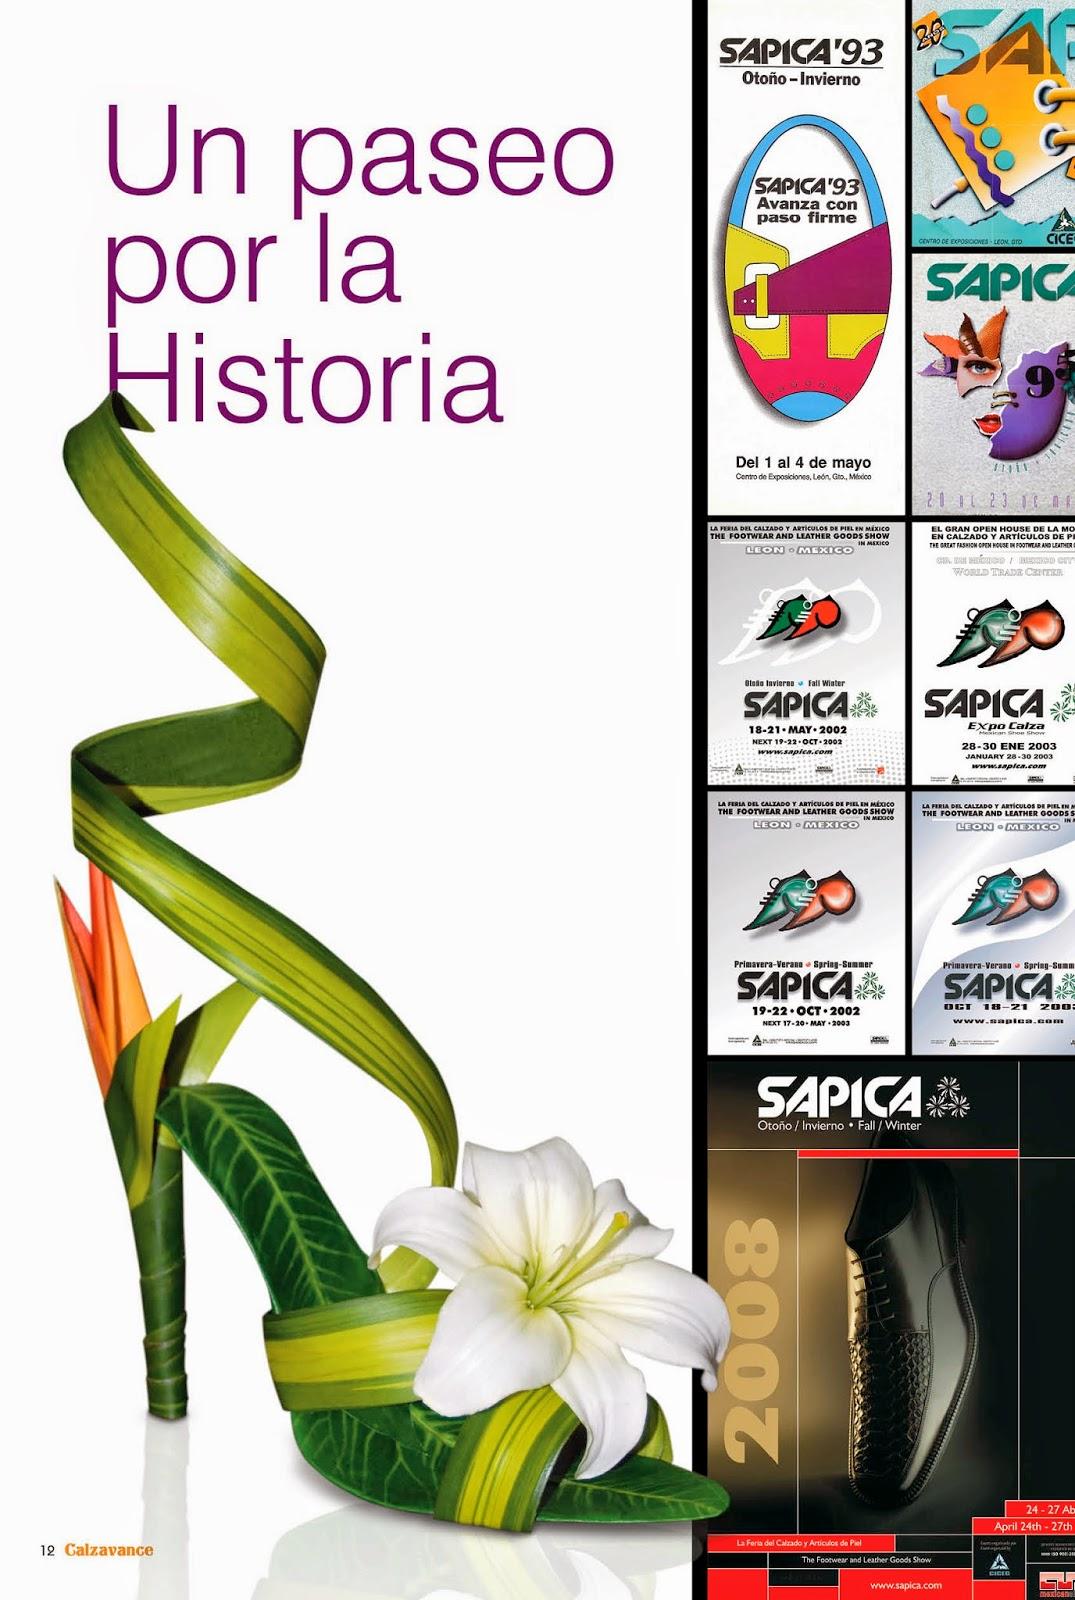 Historia de sapica, imagenes sapica, ciceg, archivo.